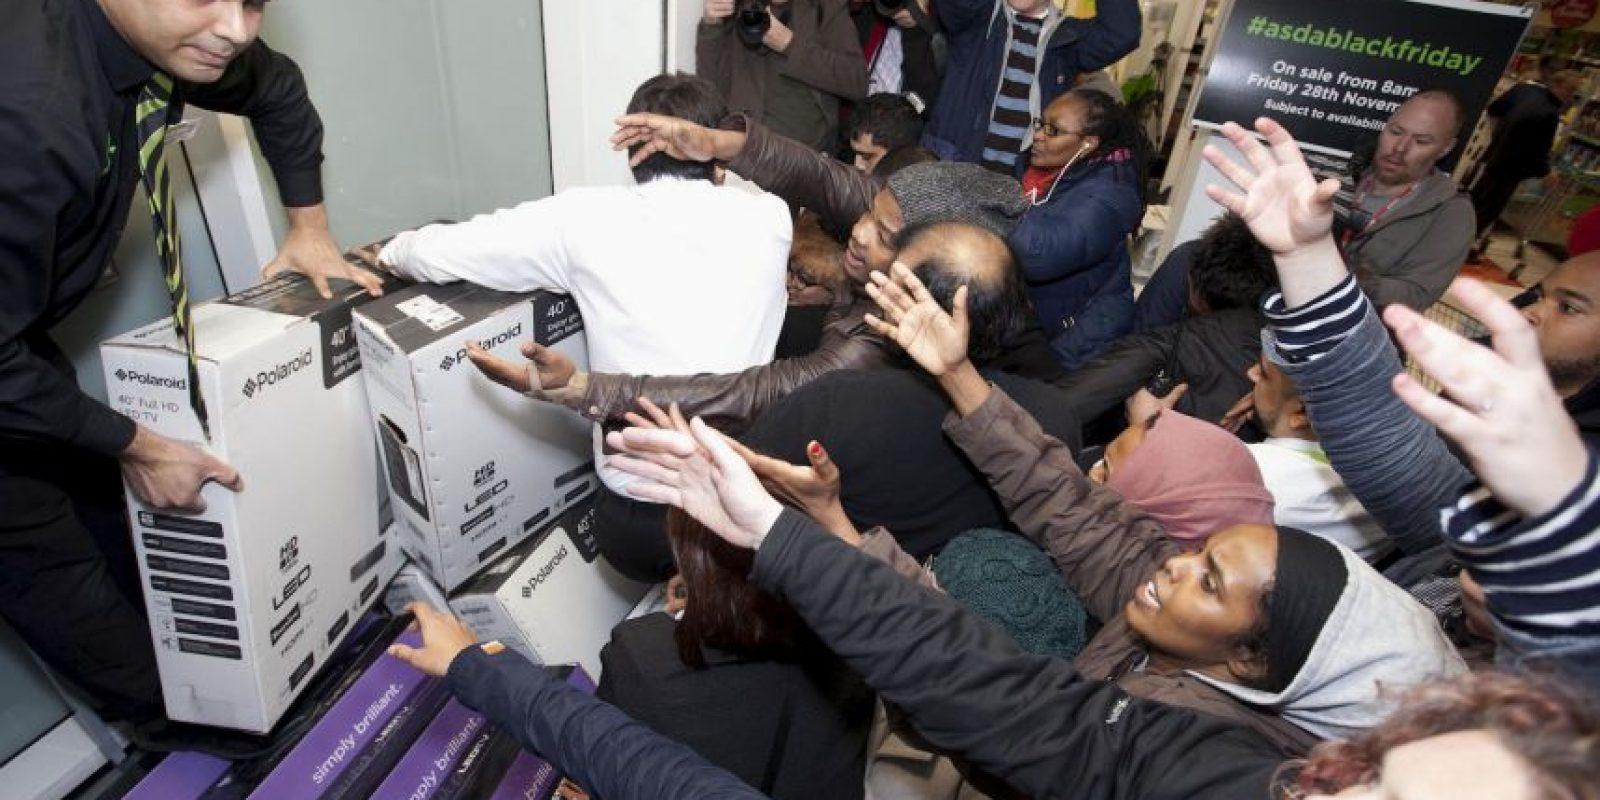 El frenesí por las compras se extendió también a Inglaterra Foto:AP